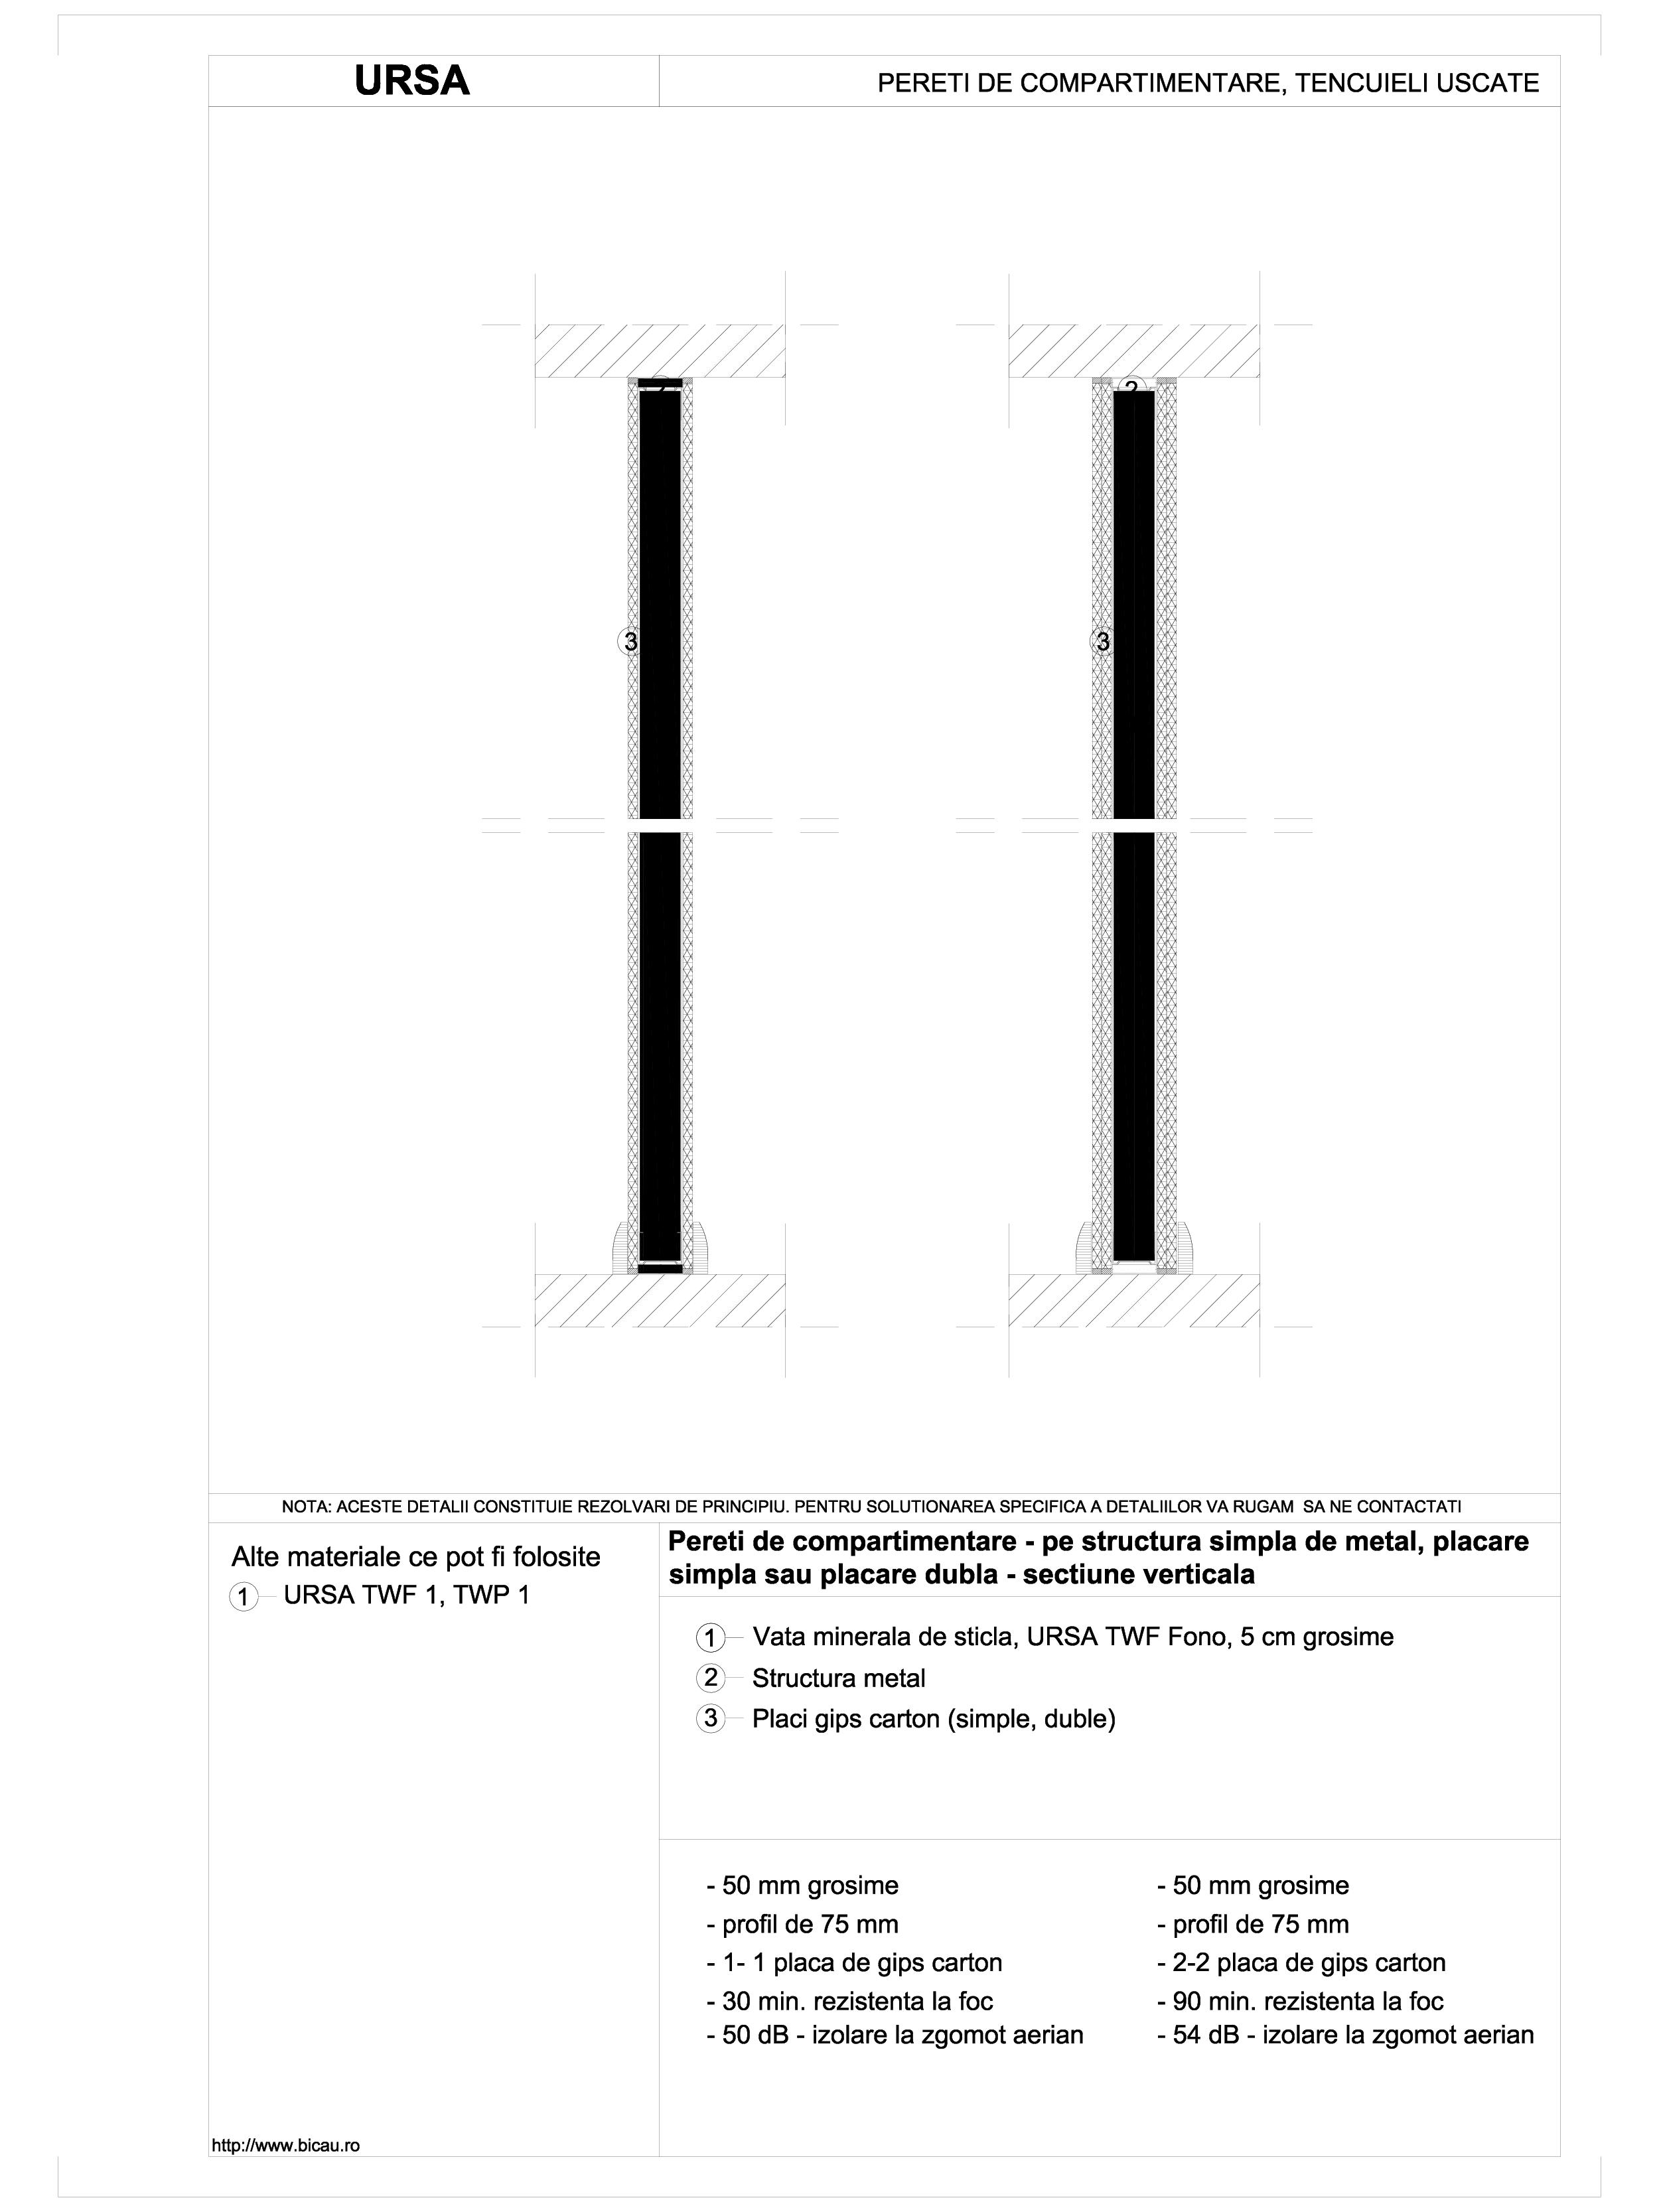 Pereti de compartimentare - pe structura simpla de metal, placare simpla sau placare dubla - sectiune verticala TWF FONO URSA Vata minerala pentru pereti de compartimentare URSA ROMANIA   - Pagina 1